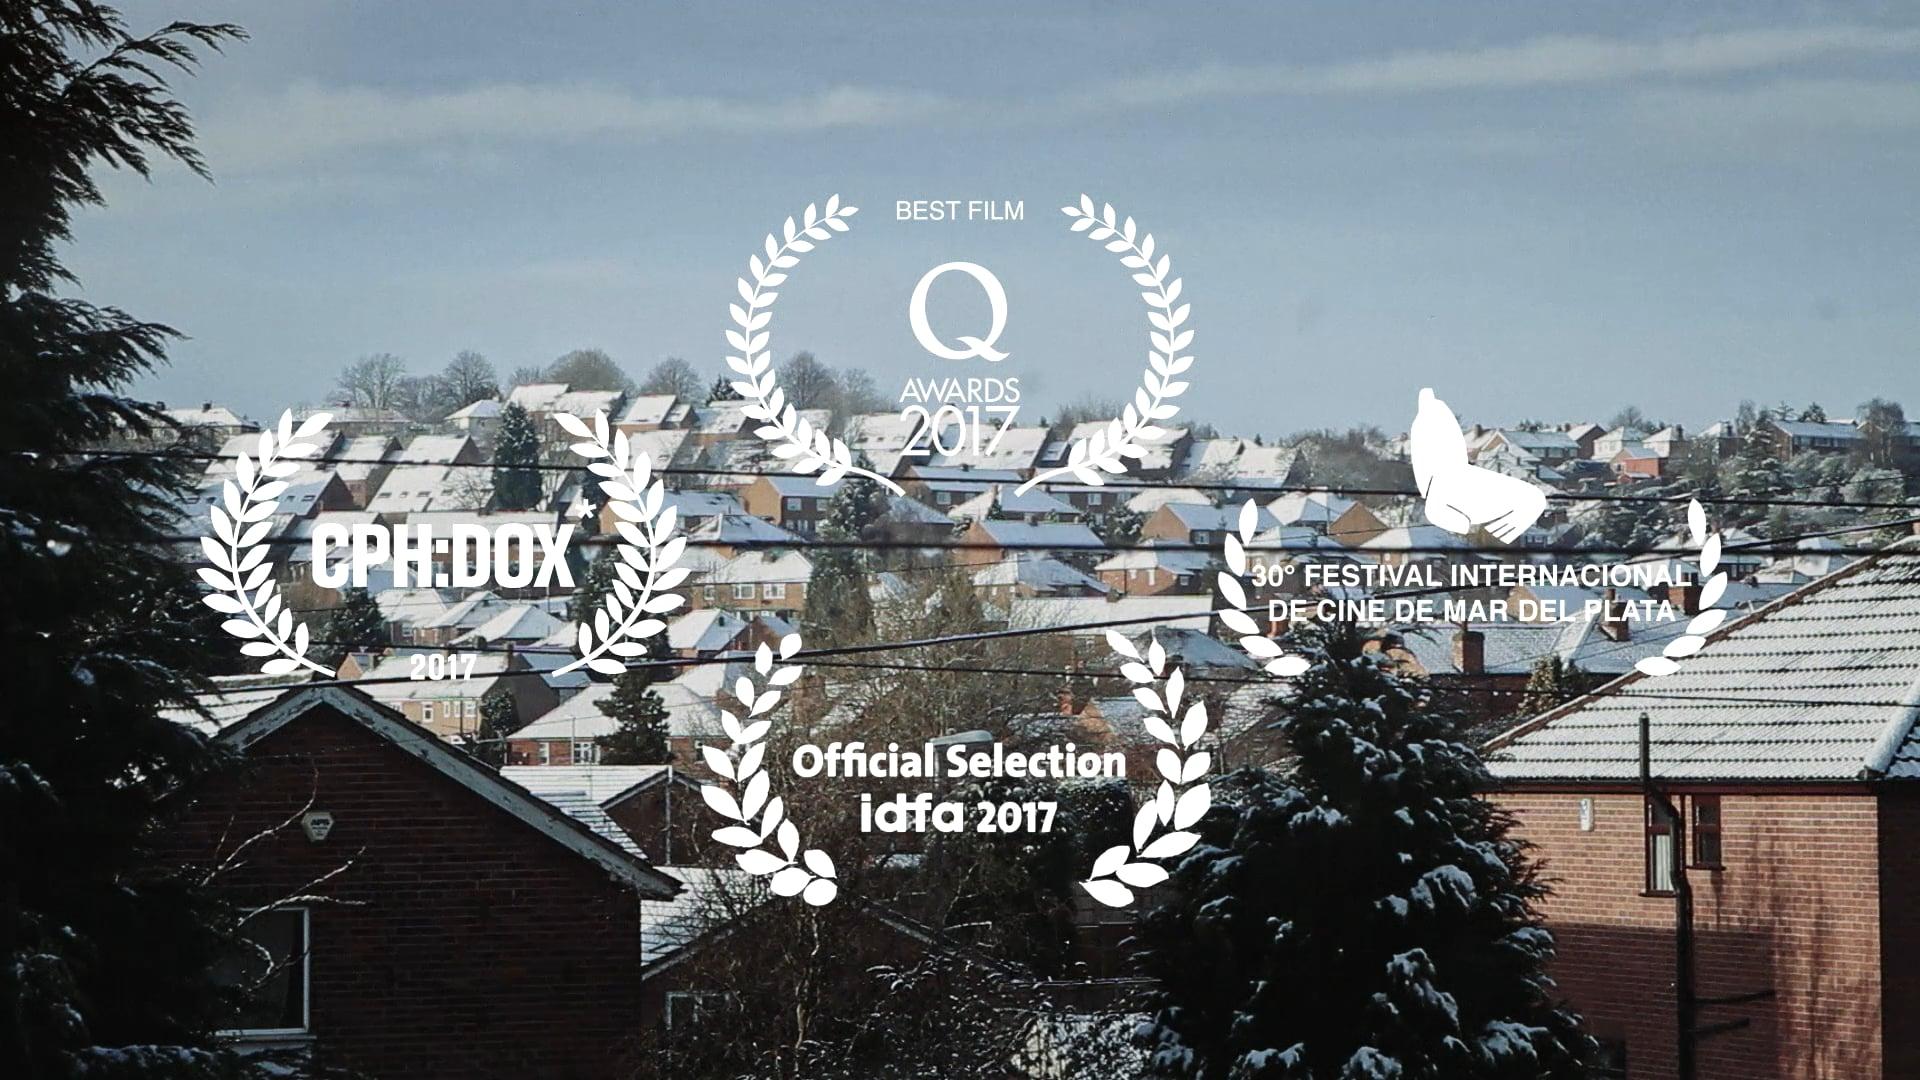 Bunch of Kunst - Trailer